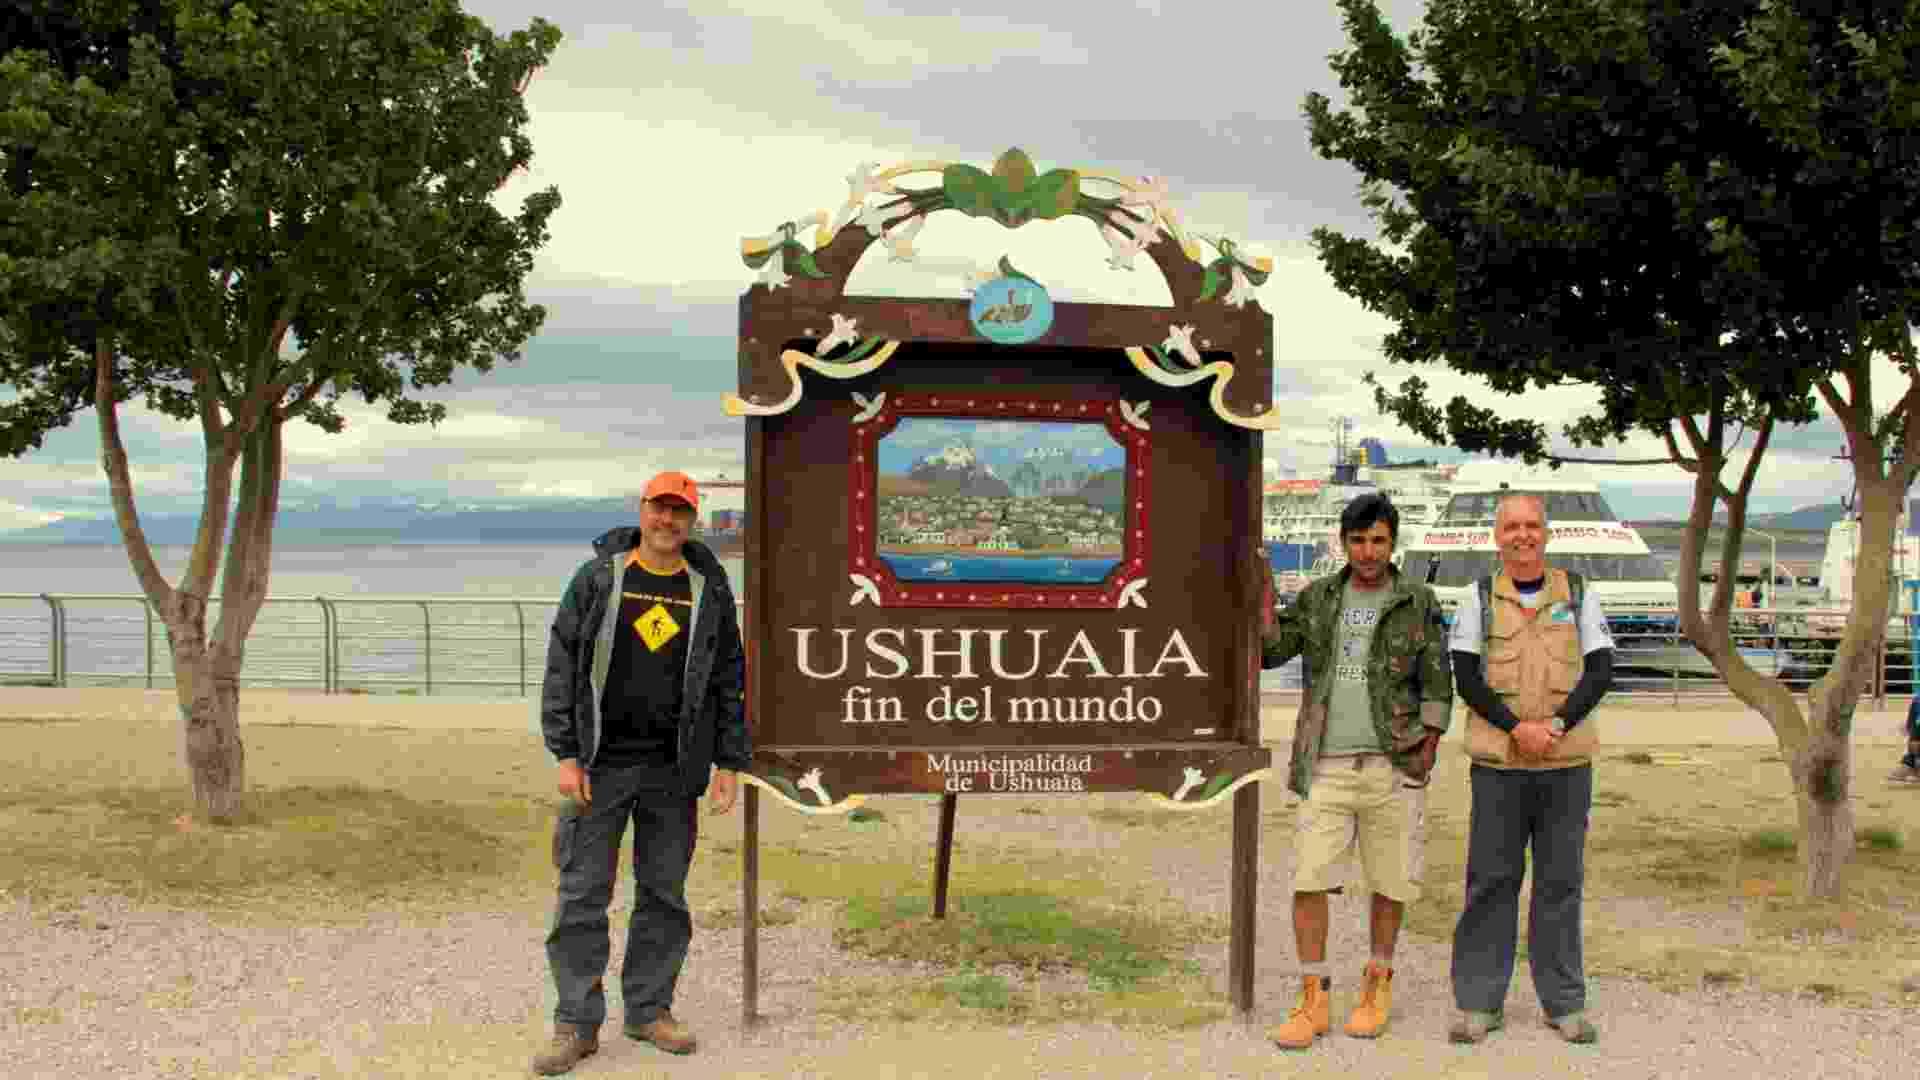 """16º dia: Ushuaia (Argentina) - """"Objetivo alcançado depois de 15 dias na estrada"""" - Arquivo pessoal/Robson Silva Macedo"""